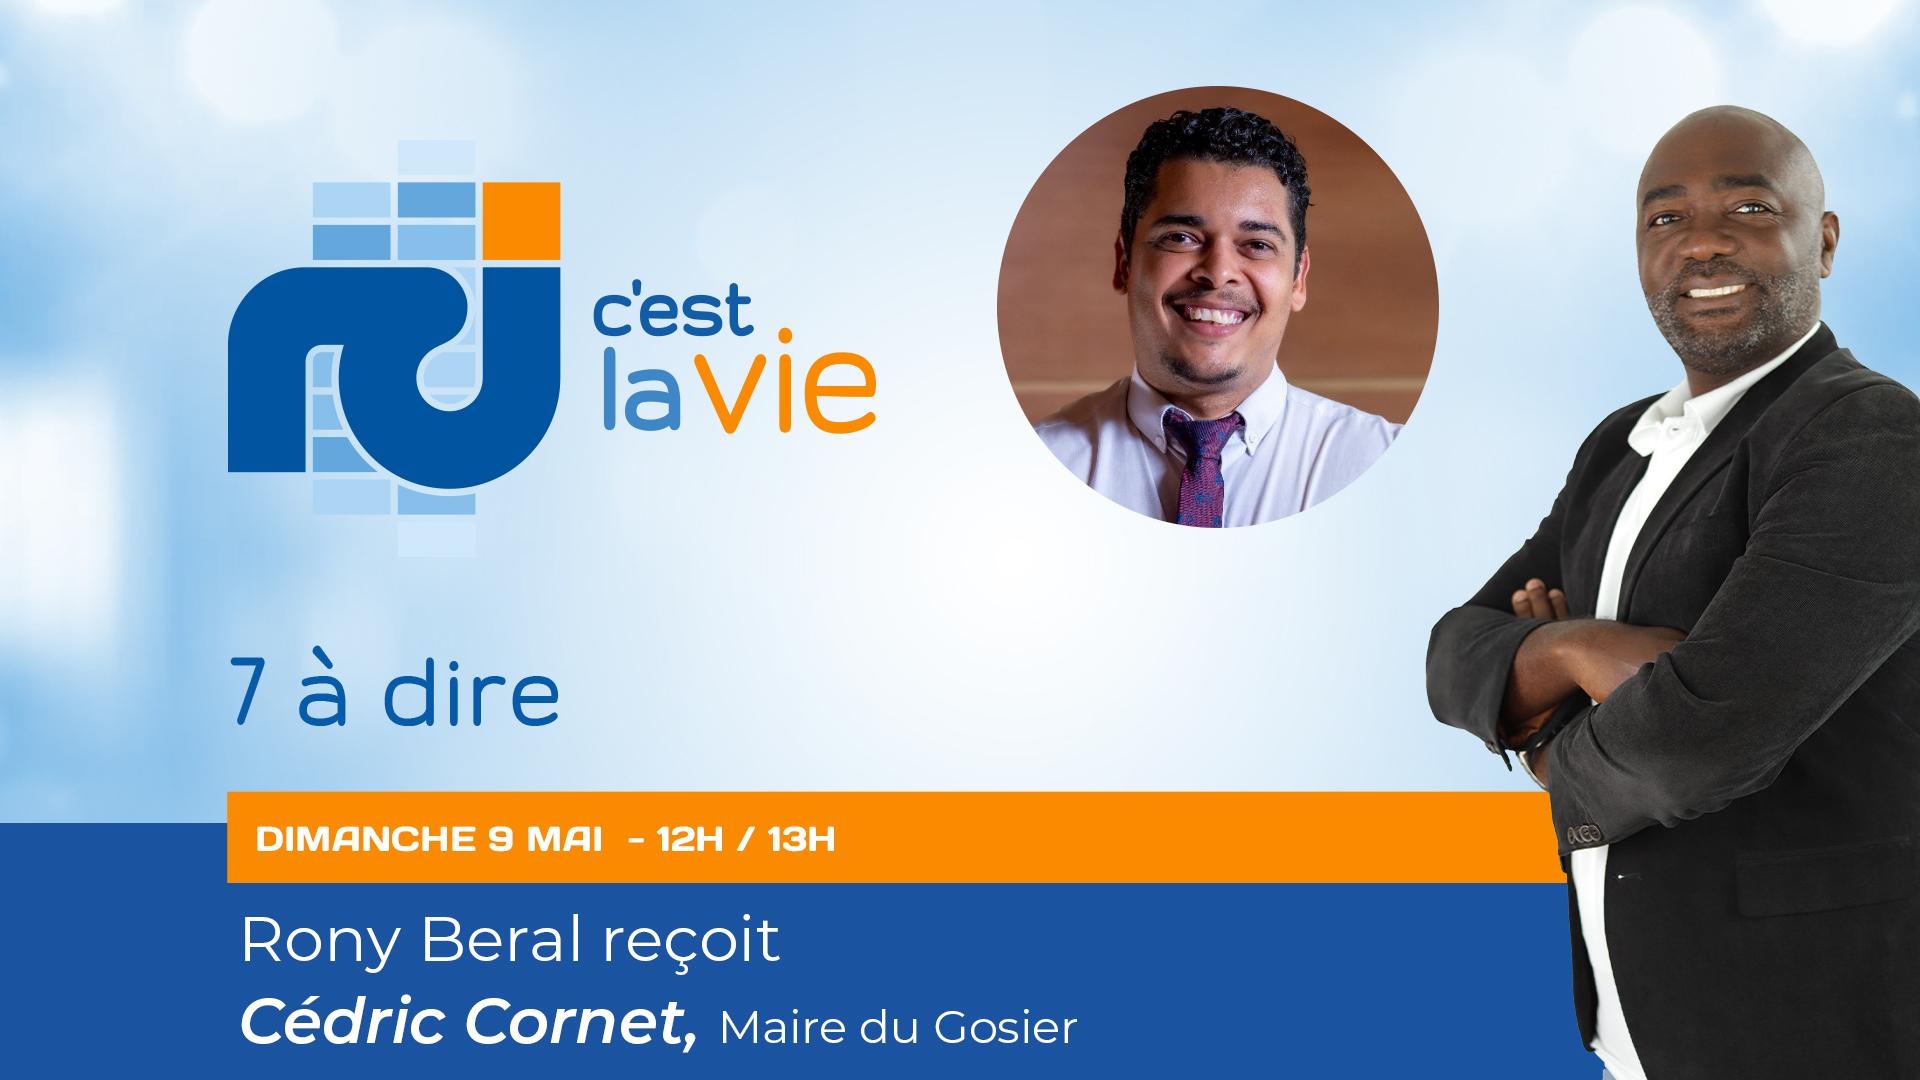 [LIVE] Cédric Cornet est l'invité de 7 à dire